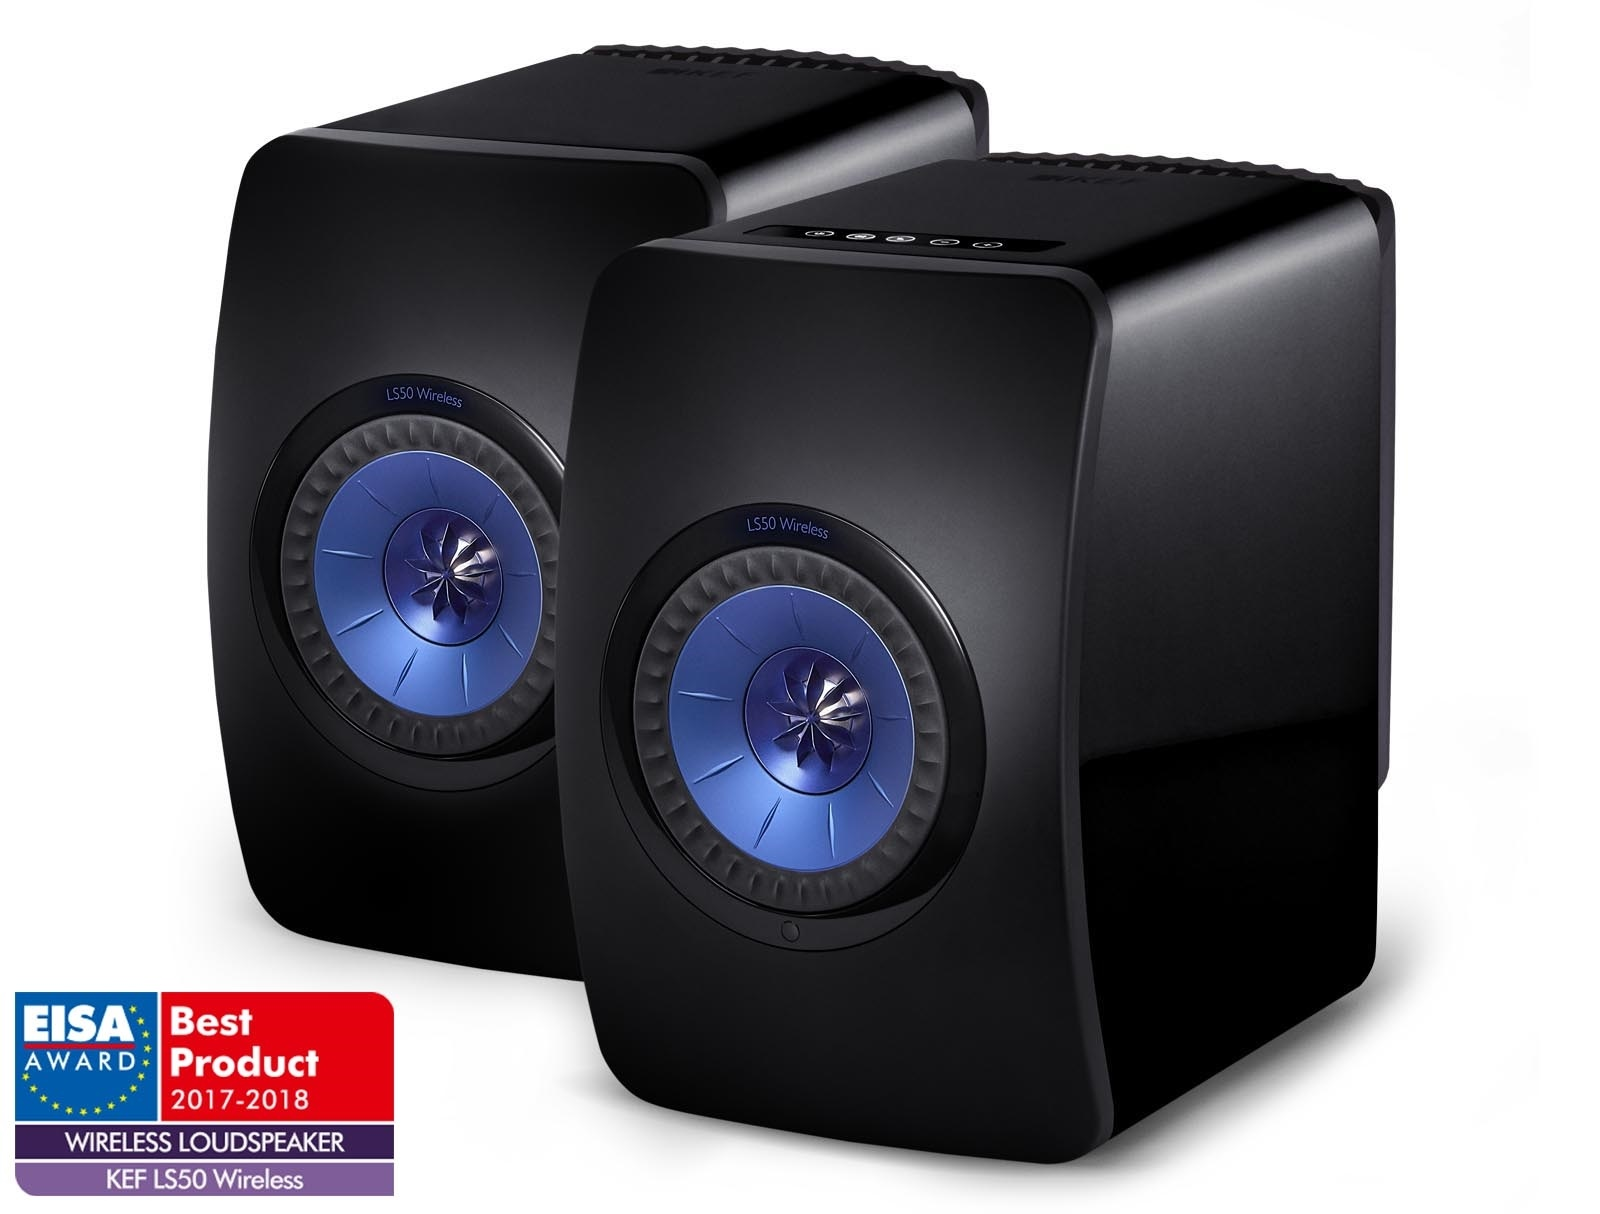 KEF LS50 Wireless Barevné provedení: černé